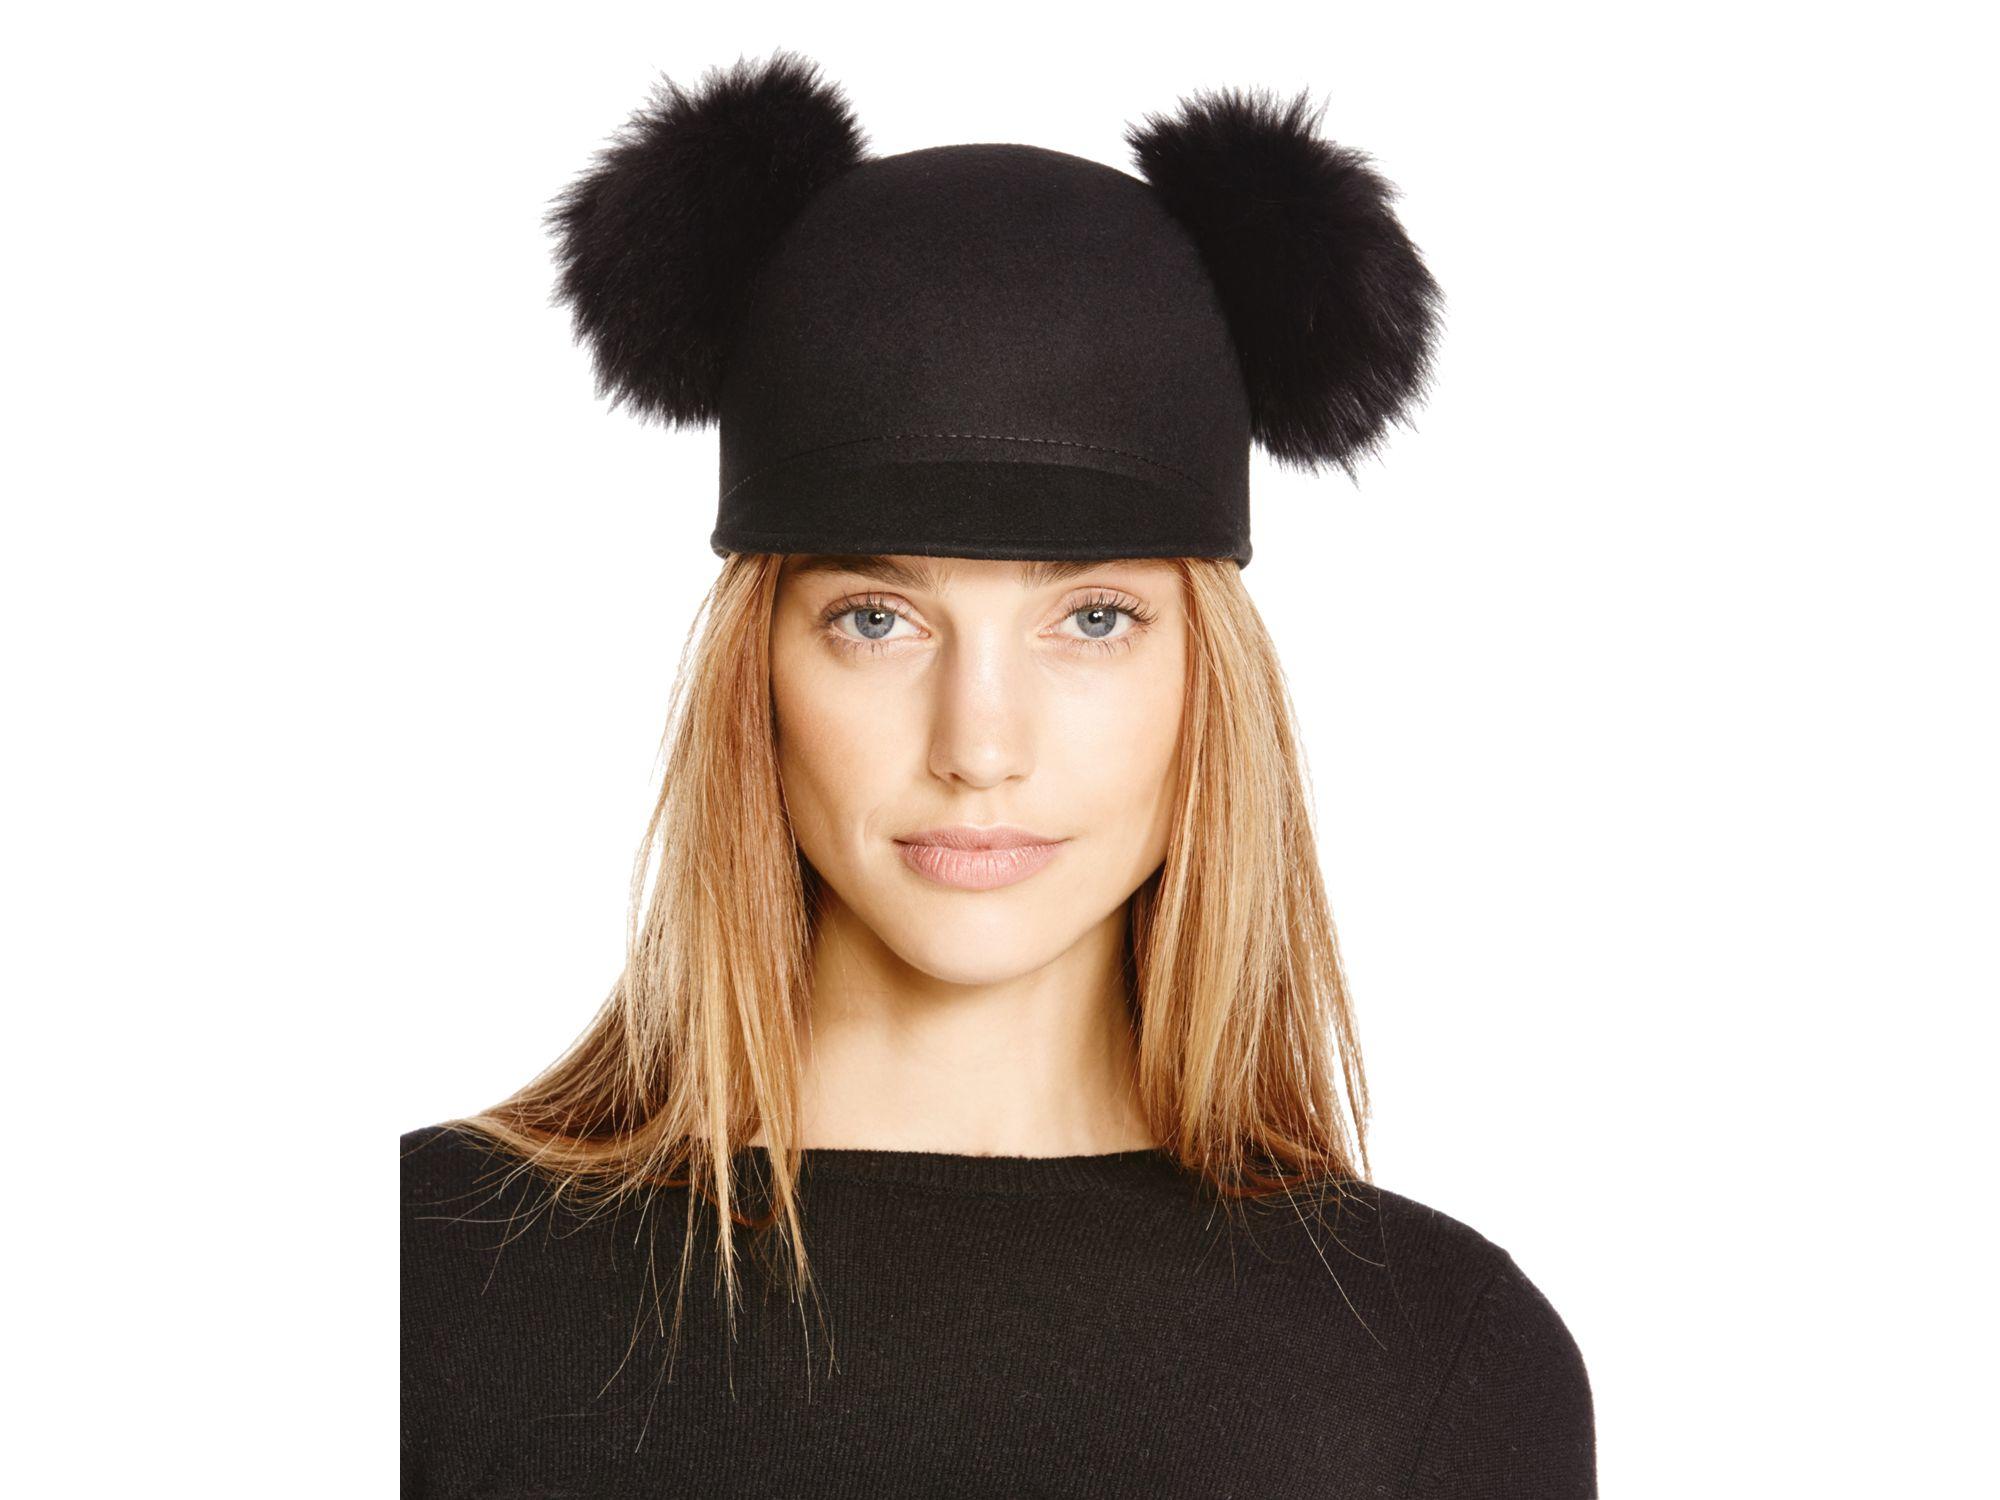 Lyst - Bettina Wool Cap With Fox Fur Pom-poms in Black f319ce47f45